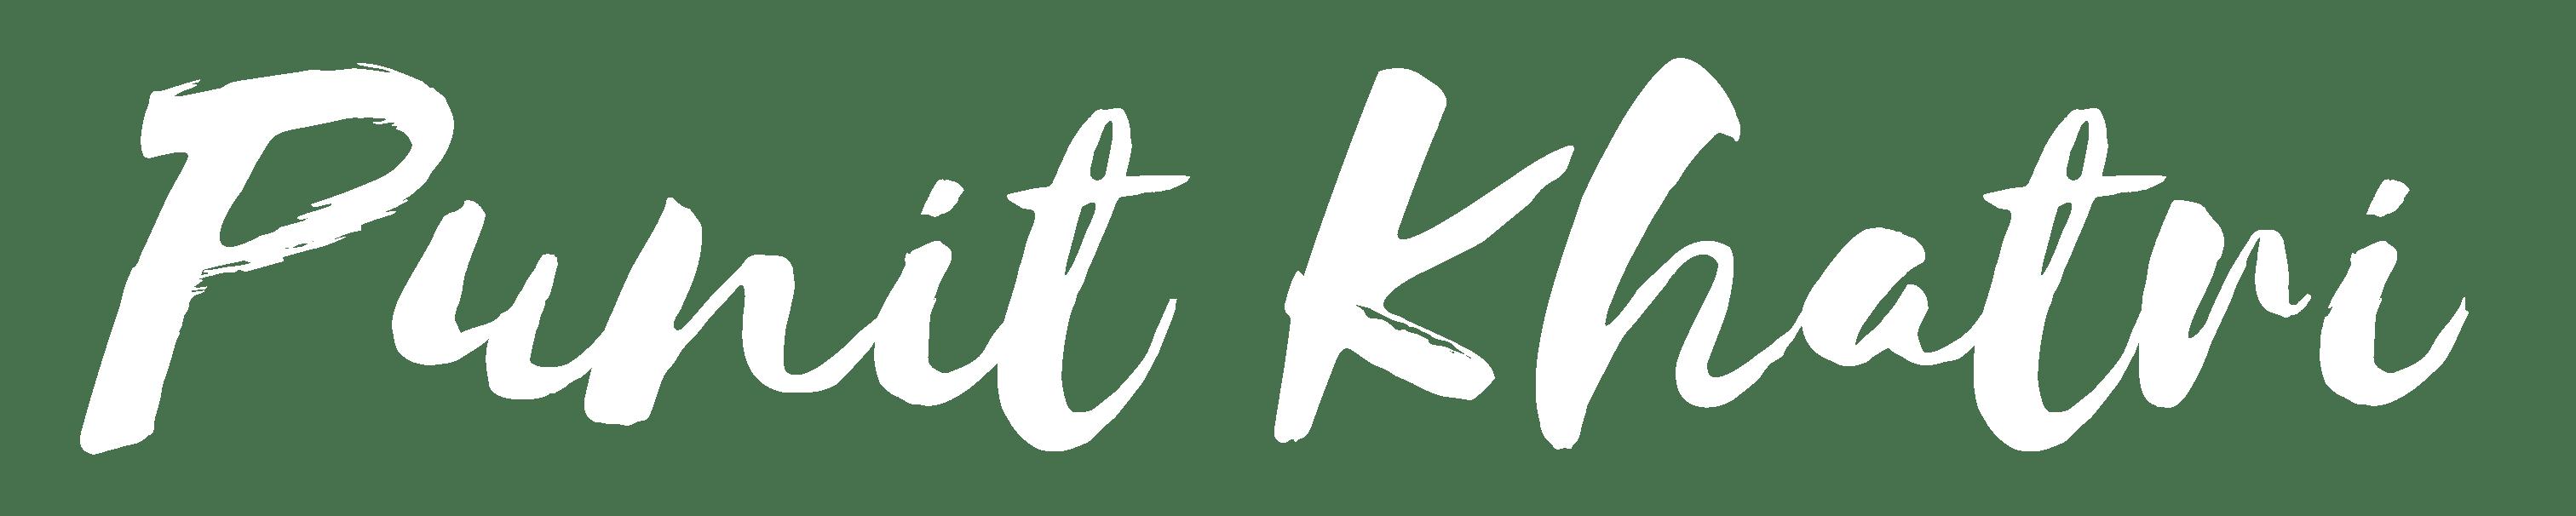 Punit Khatri